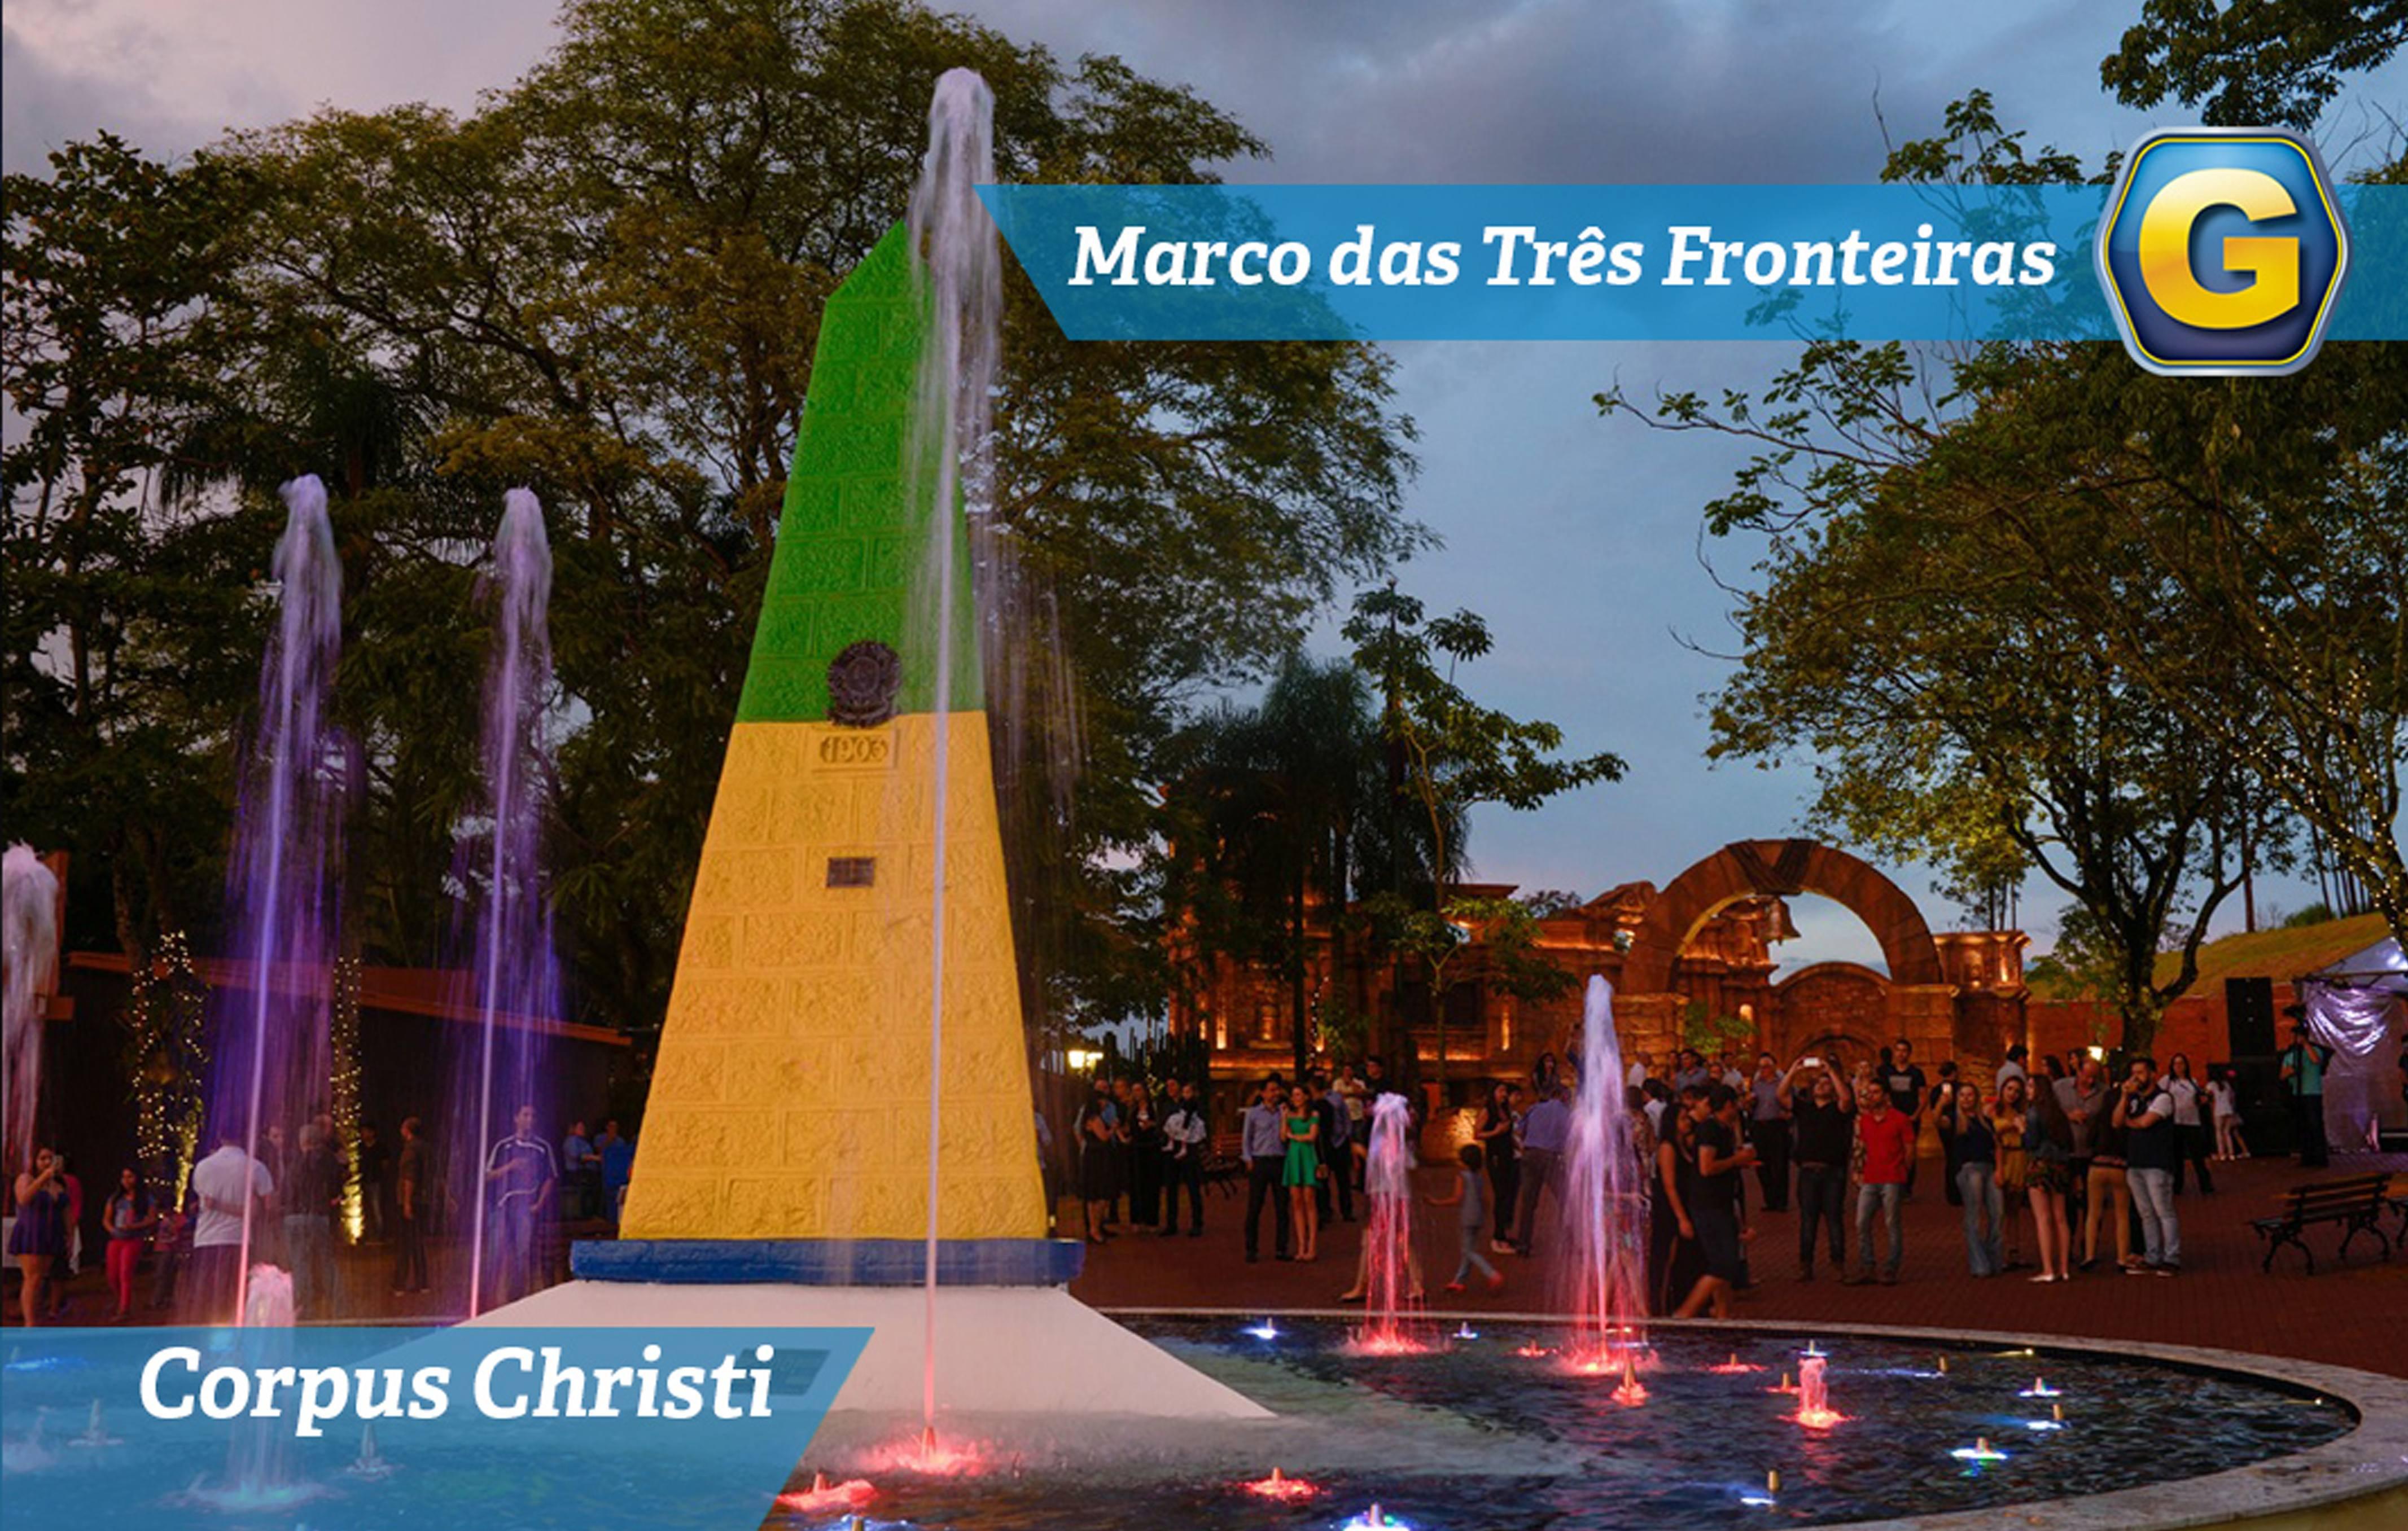 Promoção Corpus Christi